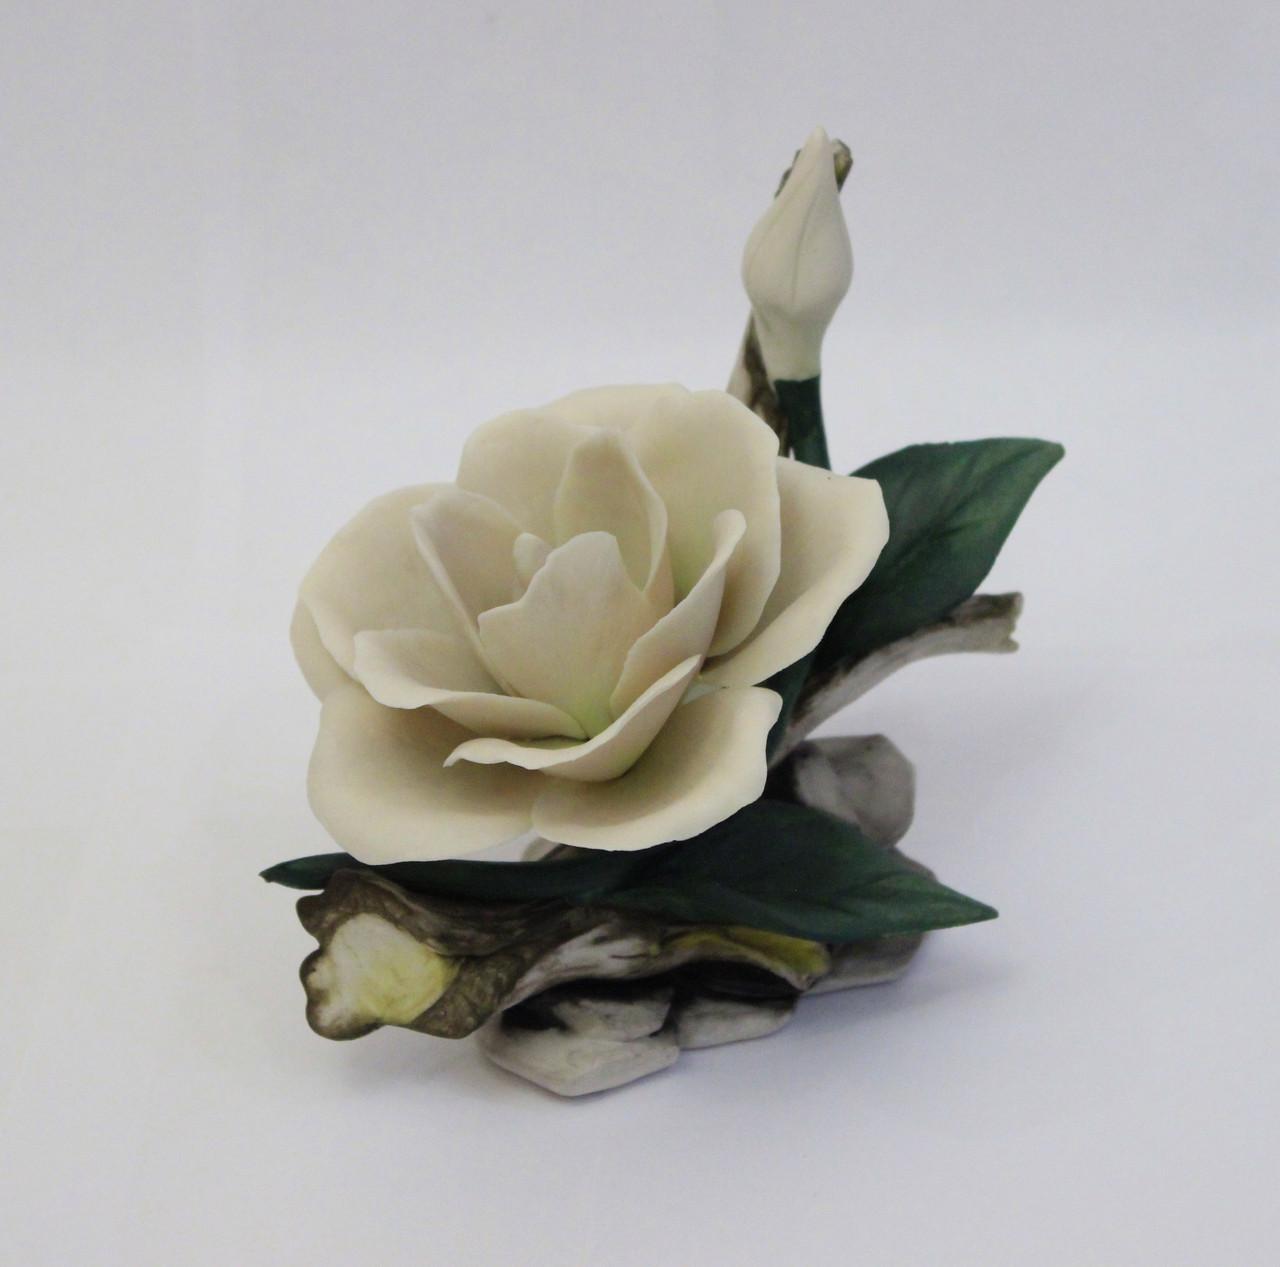 Фарфоровый цветок Гардения. Ручная работа. Италия